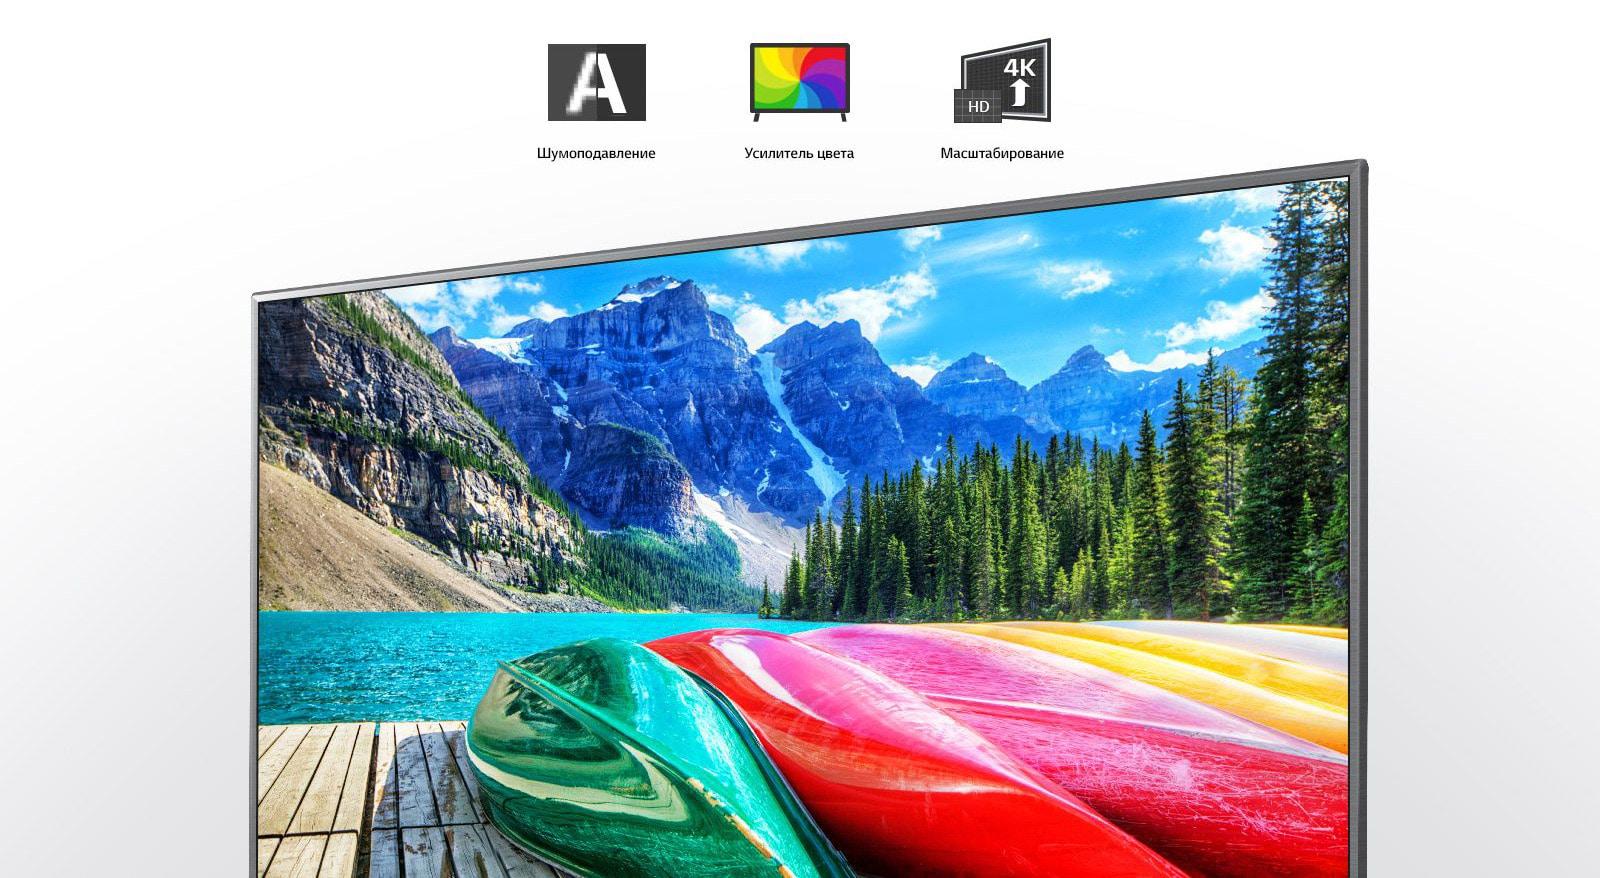 Иконки шумоподавления, усиления цветов и масштабирования, а также экран ТВ, на котором показаны горы, лес и озеро.